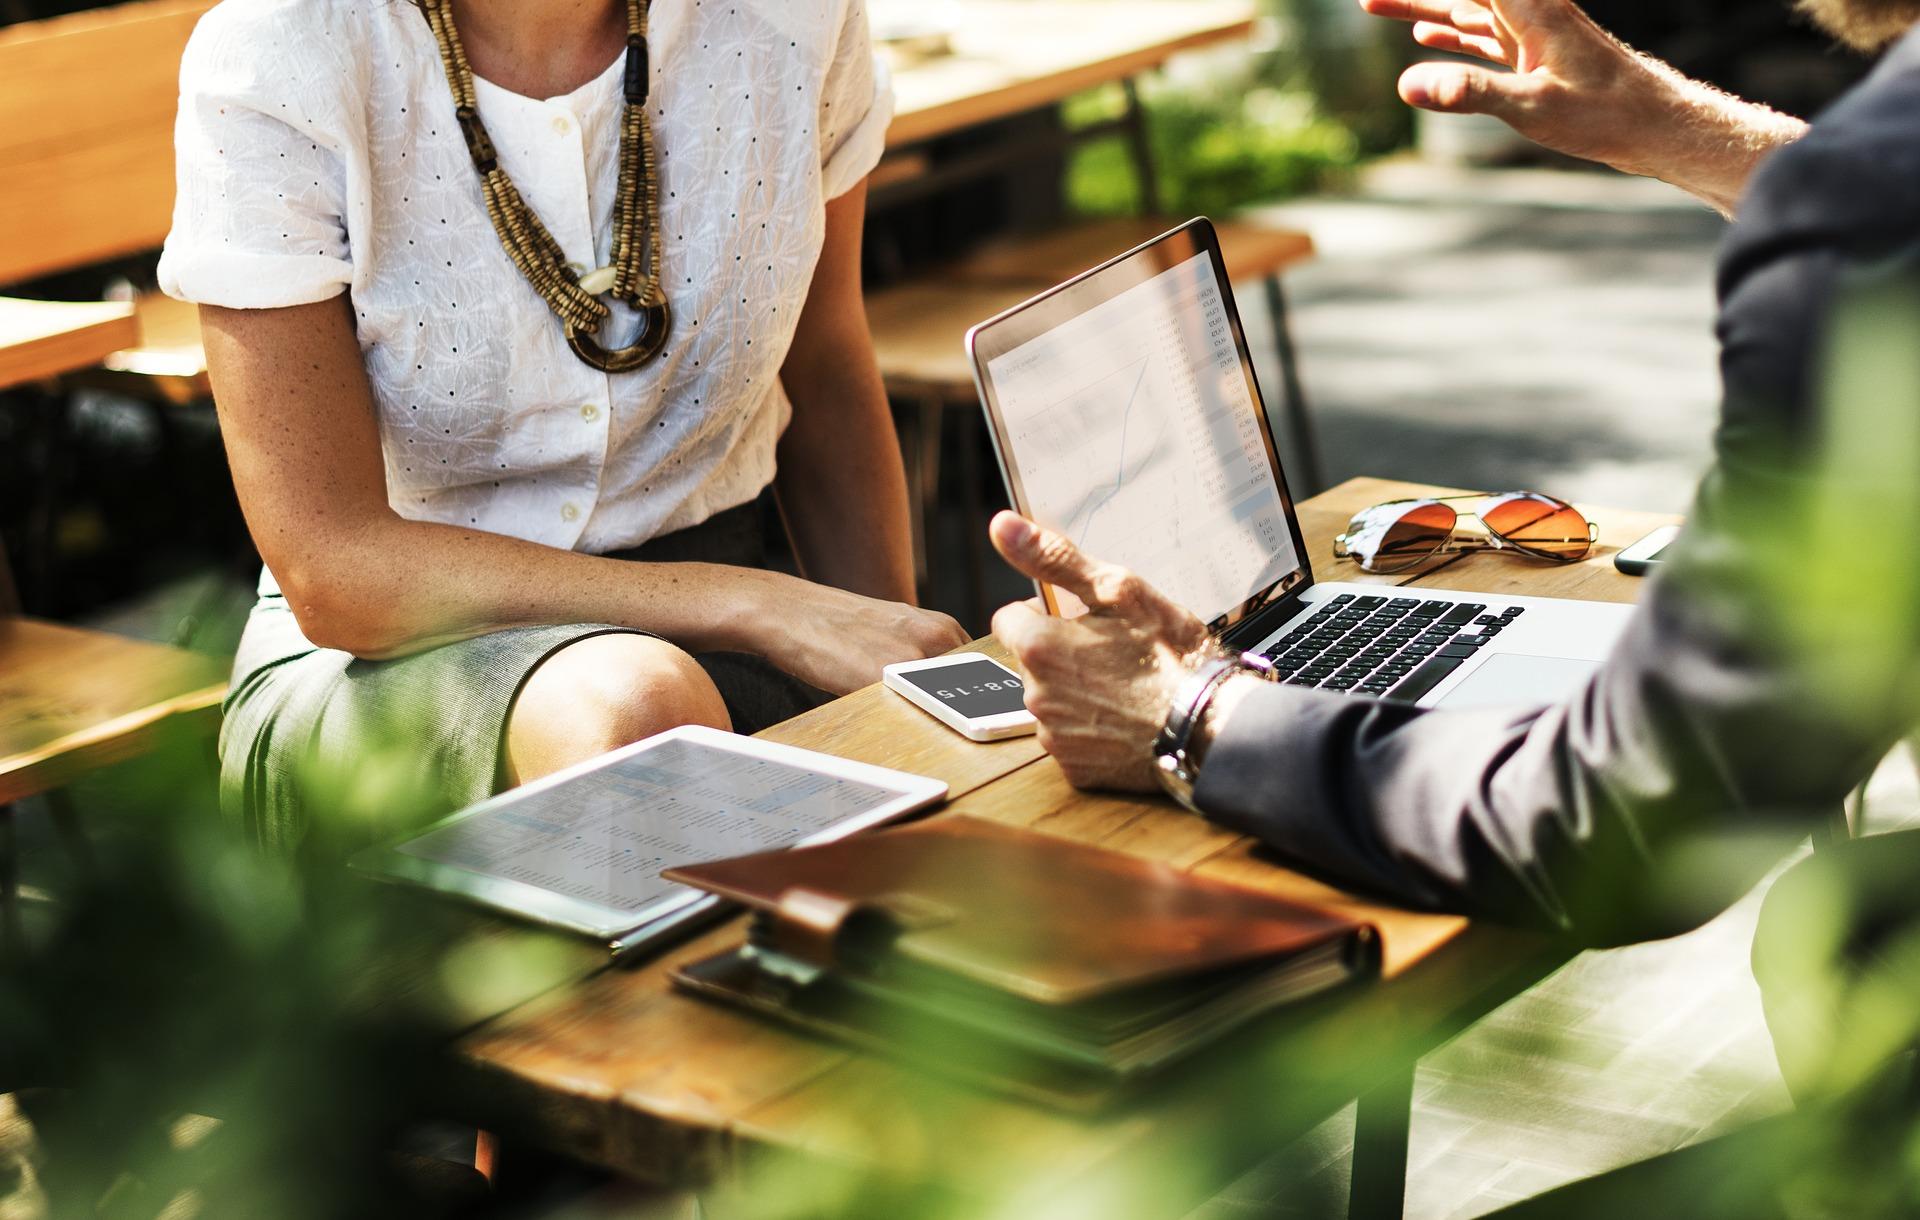 Lavoro flessibile: il sogno dei millennial